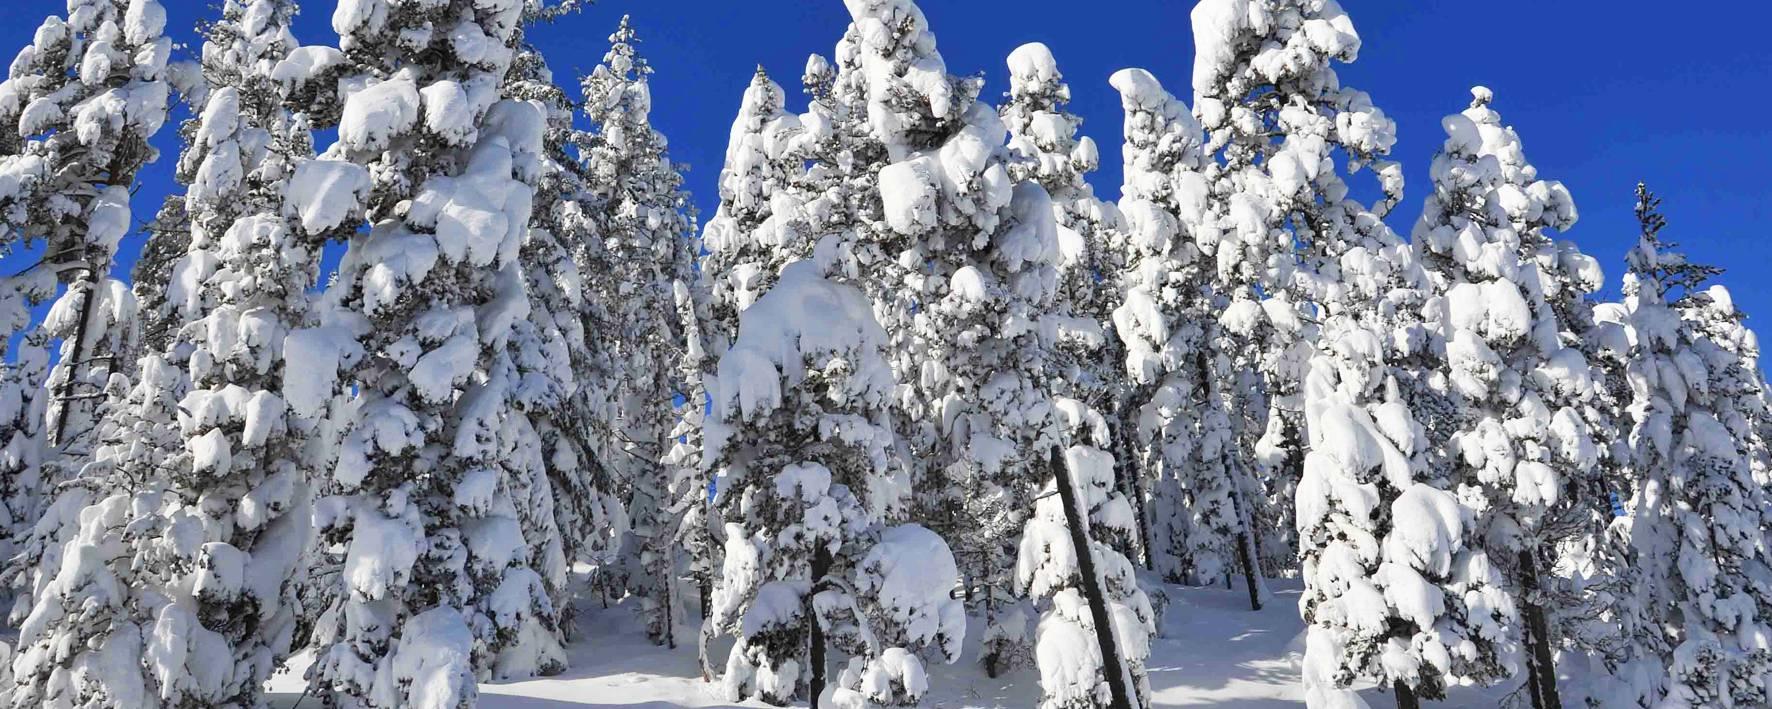 Paysage de neige © F. Berlic